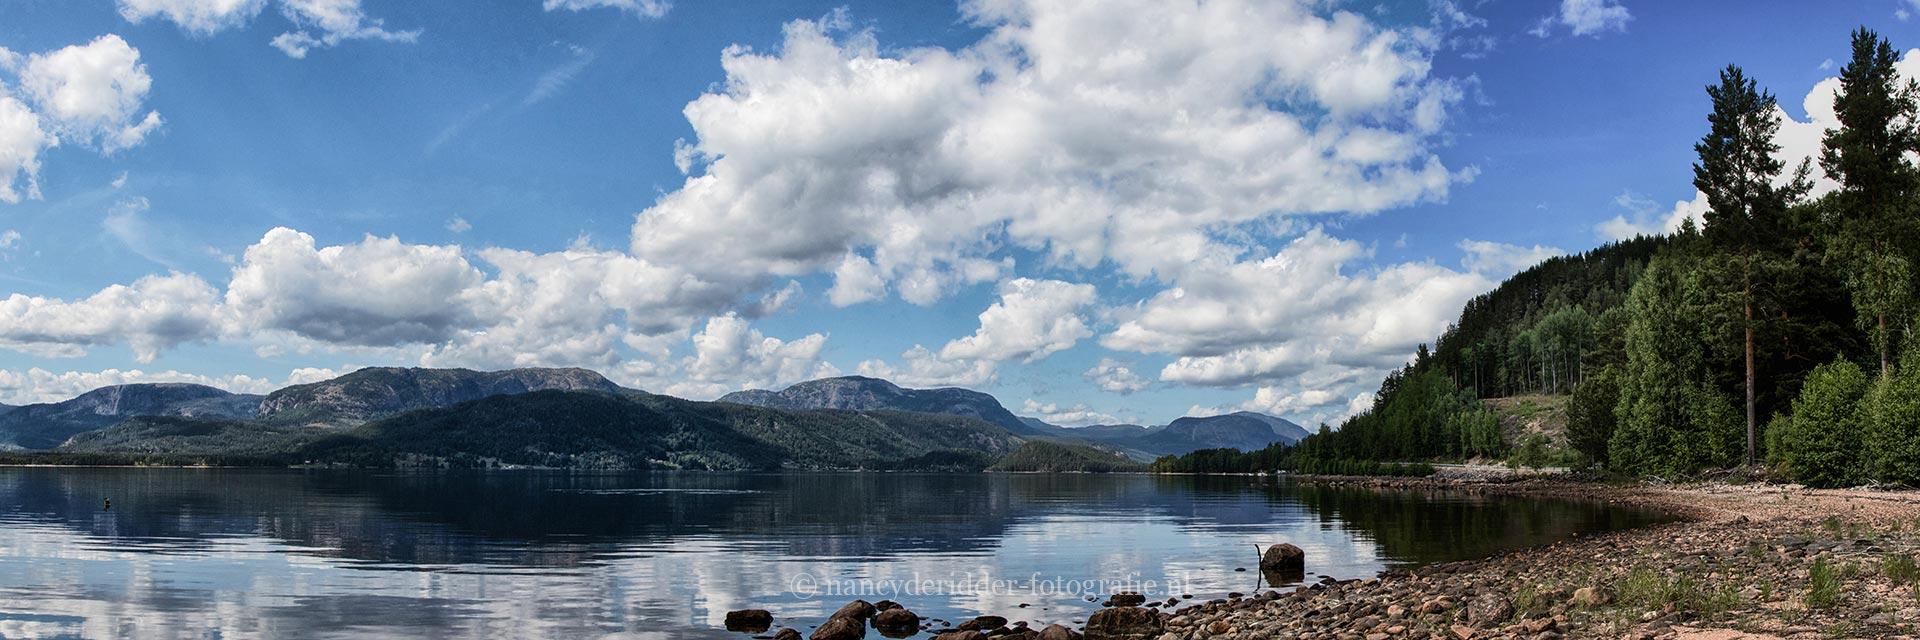 Noorwegen, vakantie, reizen, fjorden